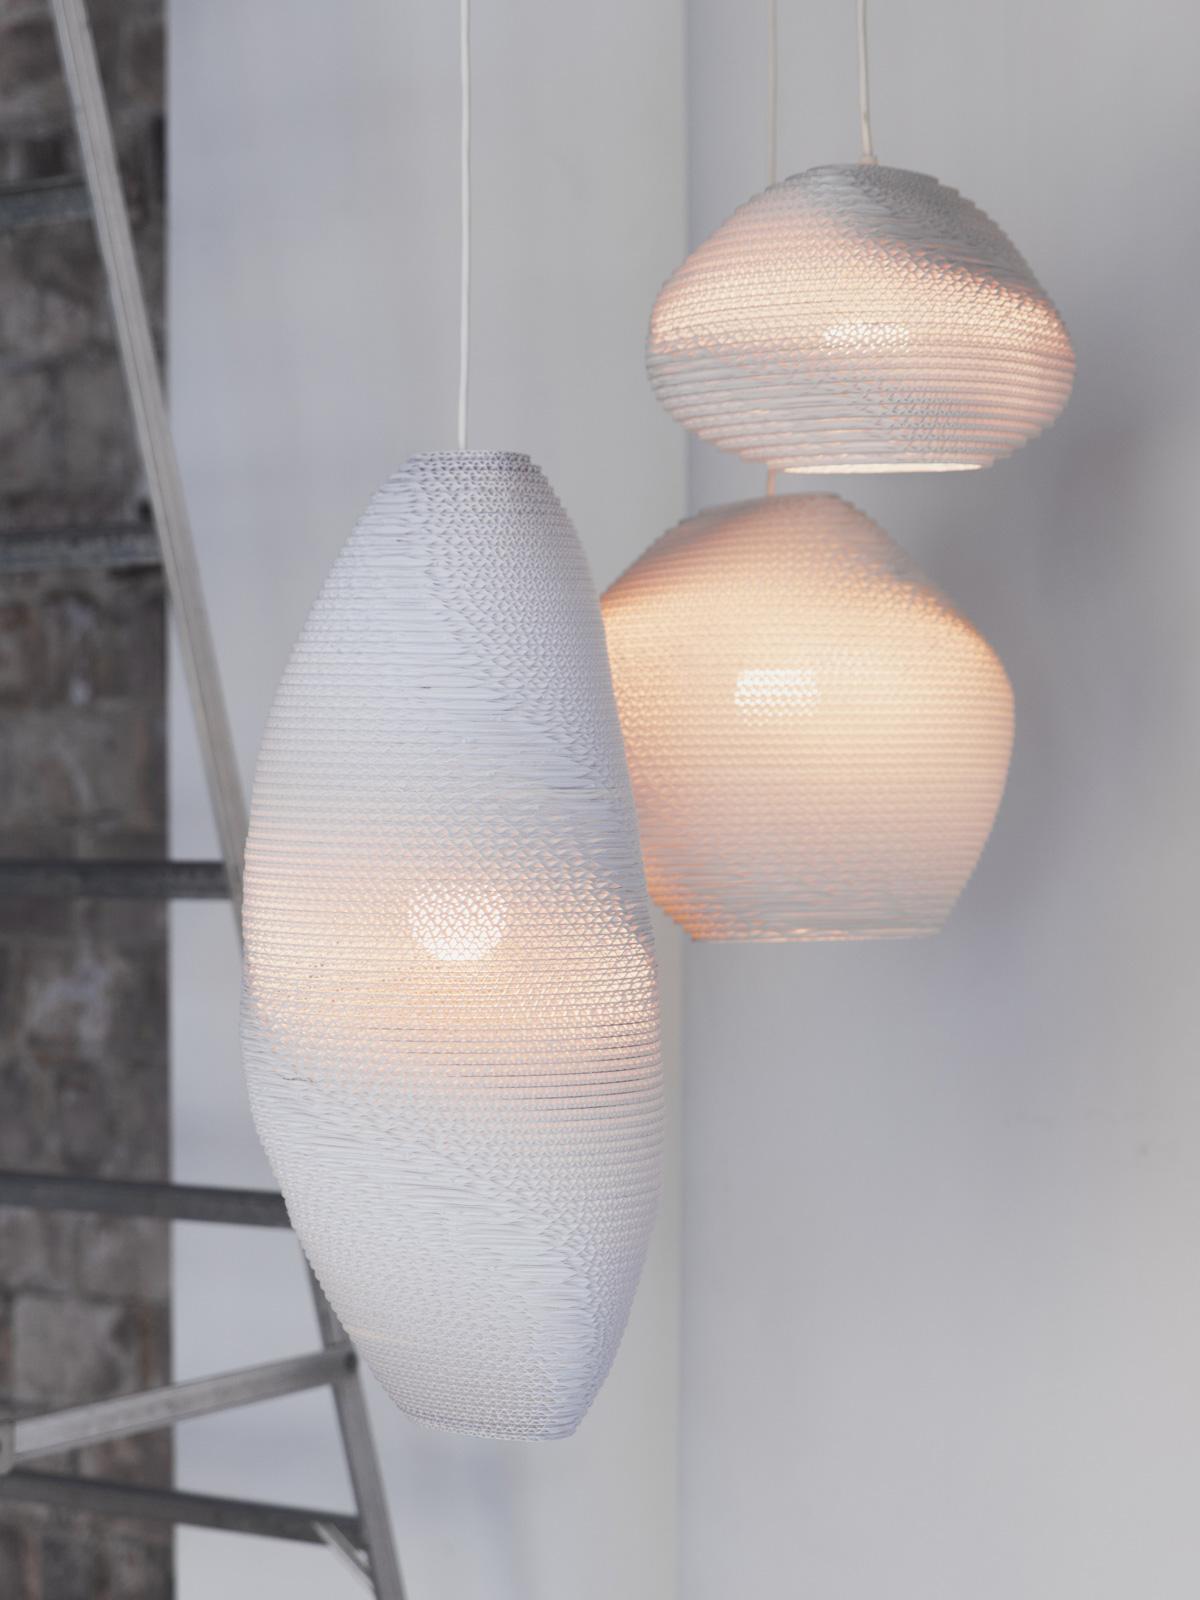 SCRAPLIGHTS white Graypants Pappleuchten Karton DesignORt Onlineshop Berlin Leuchten Lampen